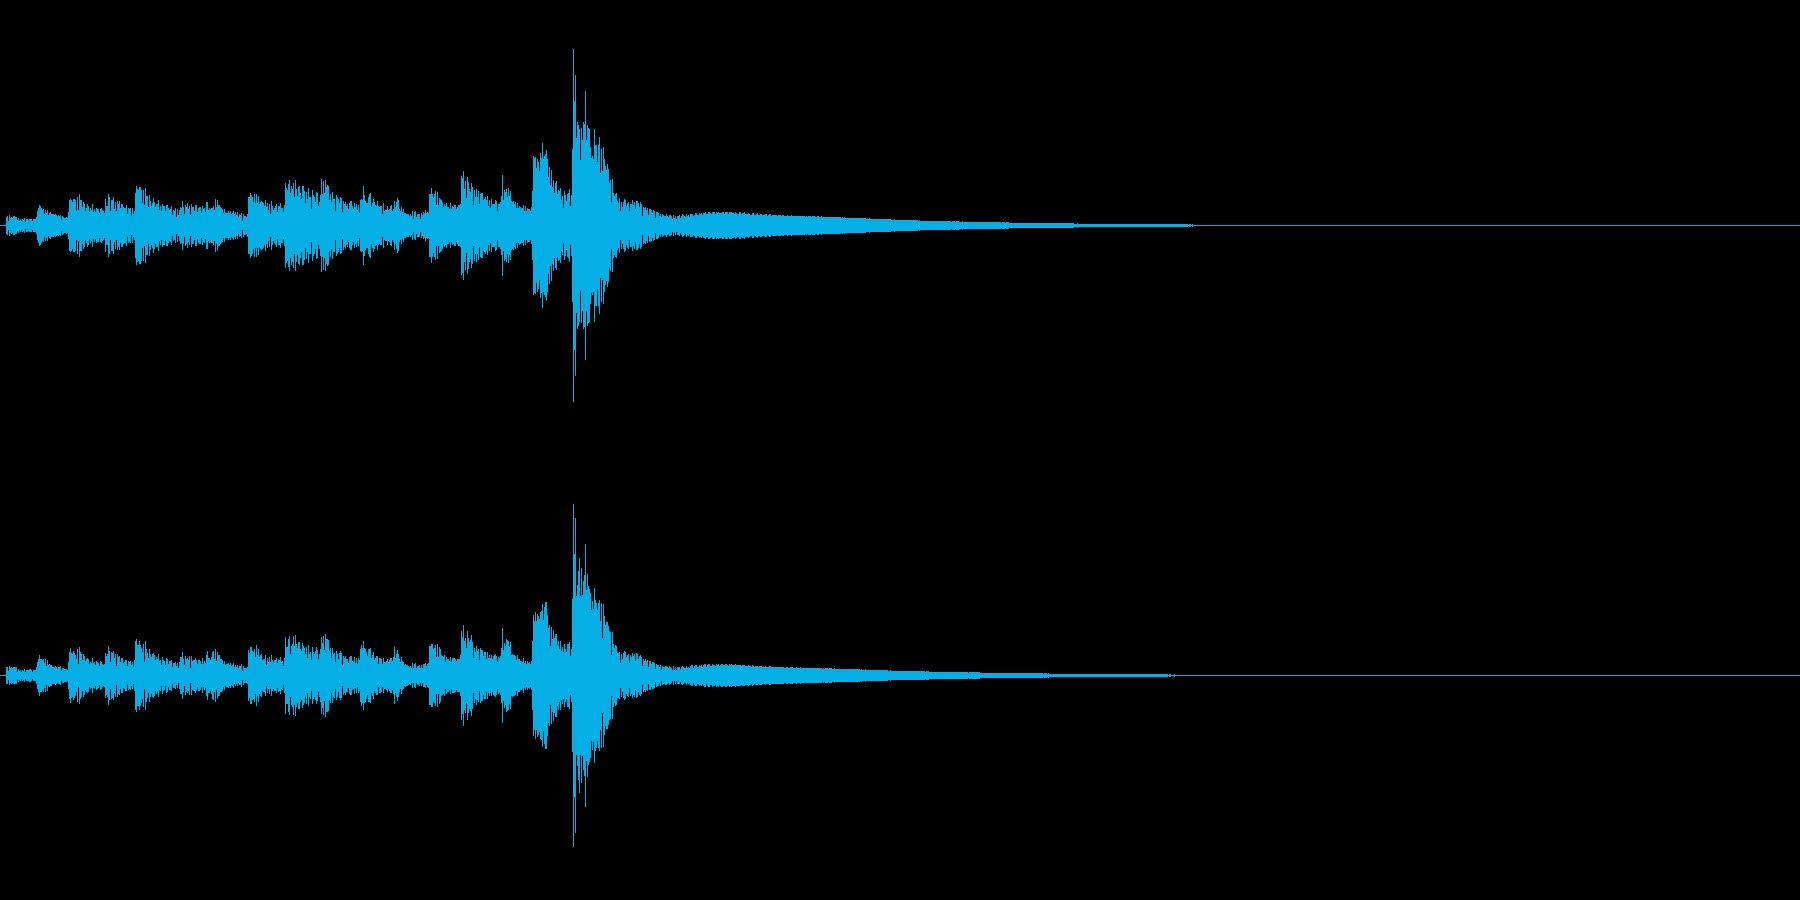 うちわ太皷の連打のフレーズ音の再生済みの波形